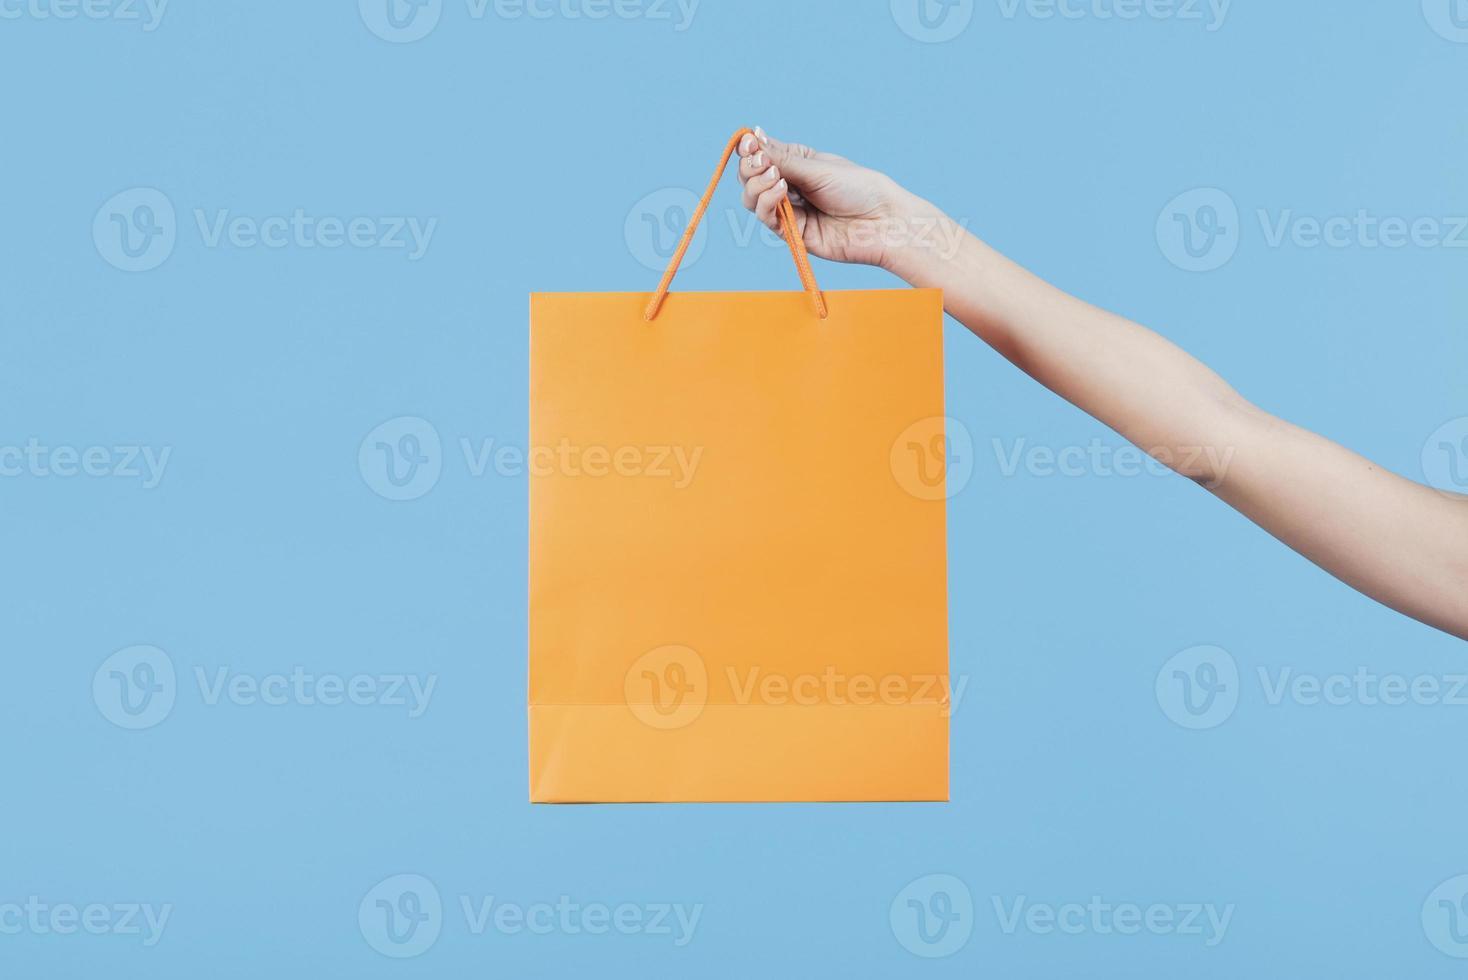 Mano sosteniendo una bolsa de compras sobre fondo azul liso foto